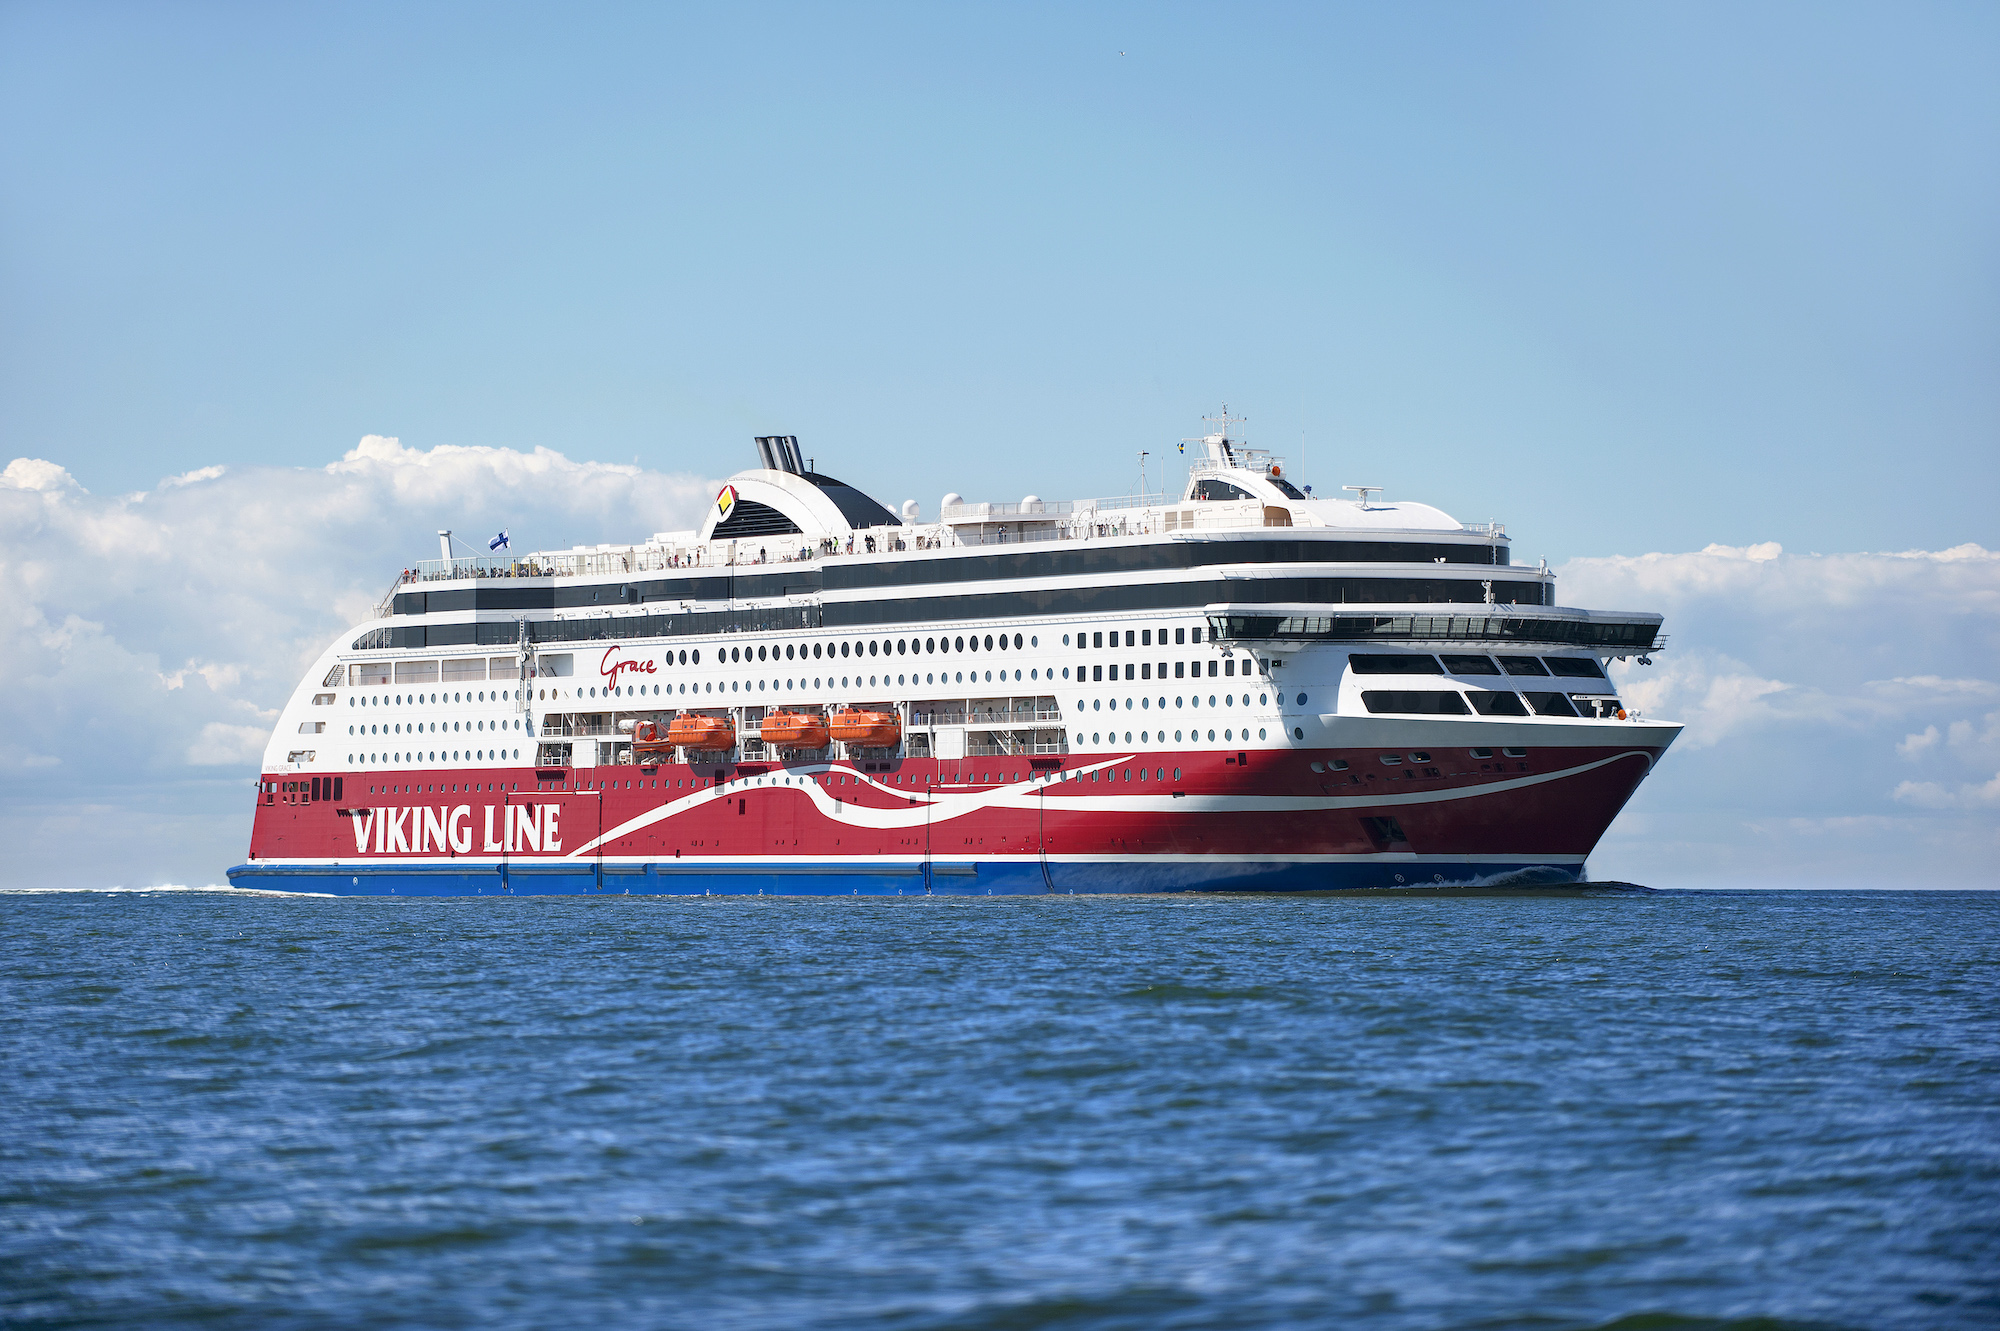 Viking Line - Viking Grace 船只照片